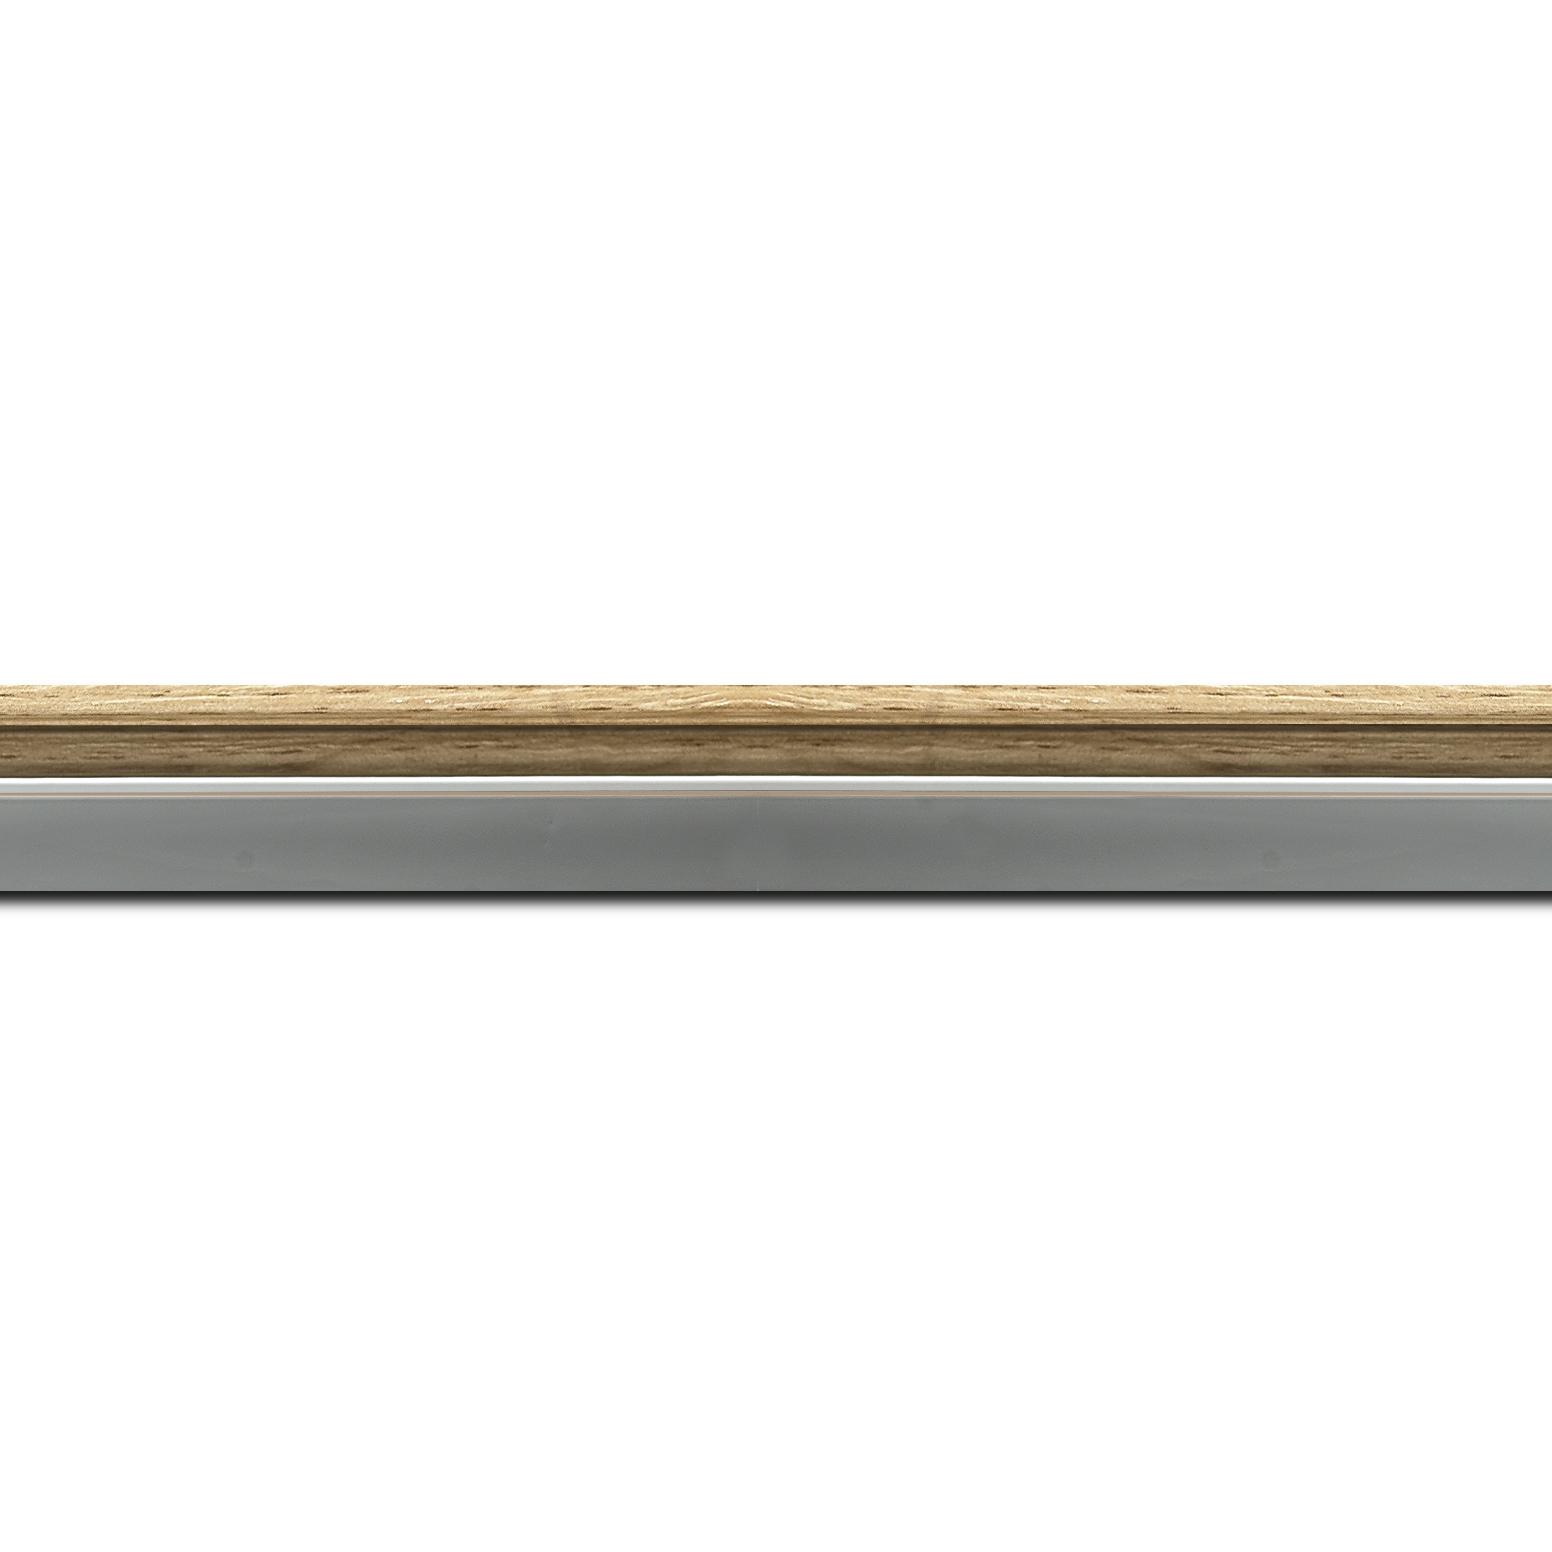 Pack par 12m, bois profil plat largeur 2.4cm  argent chromé décor chêne naturel extérieur (longueur baguette pouvant varier entre 2.40m et 3m selon arrivage des bois)